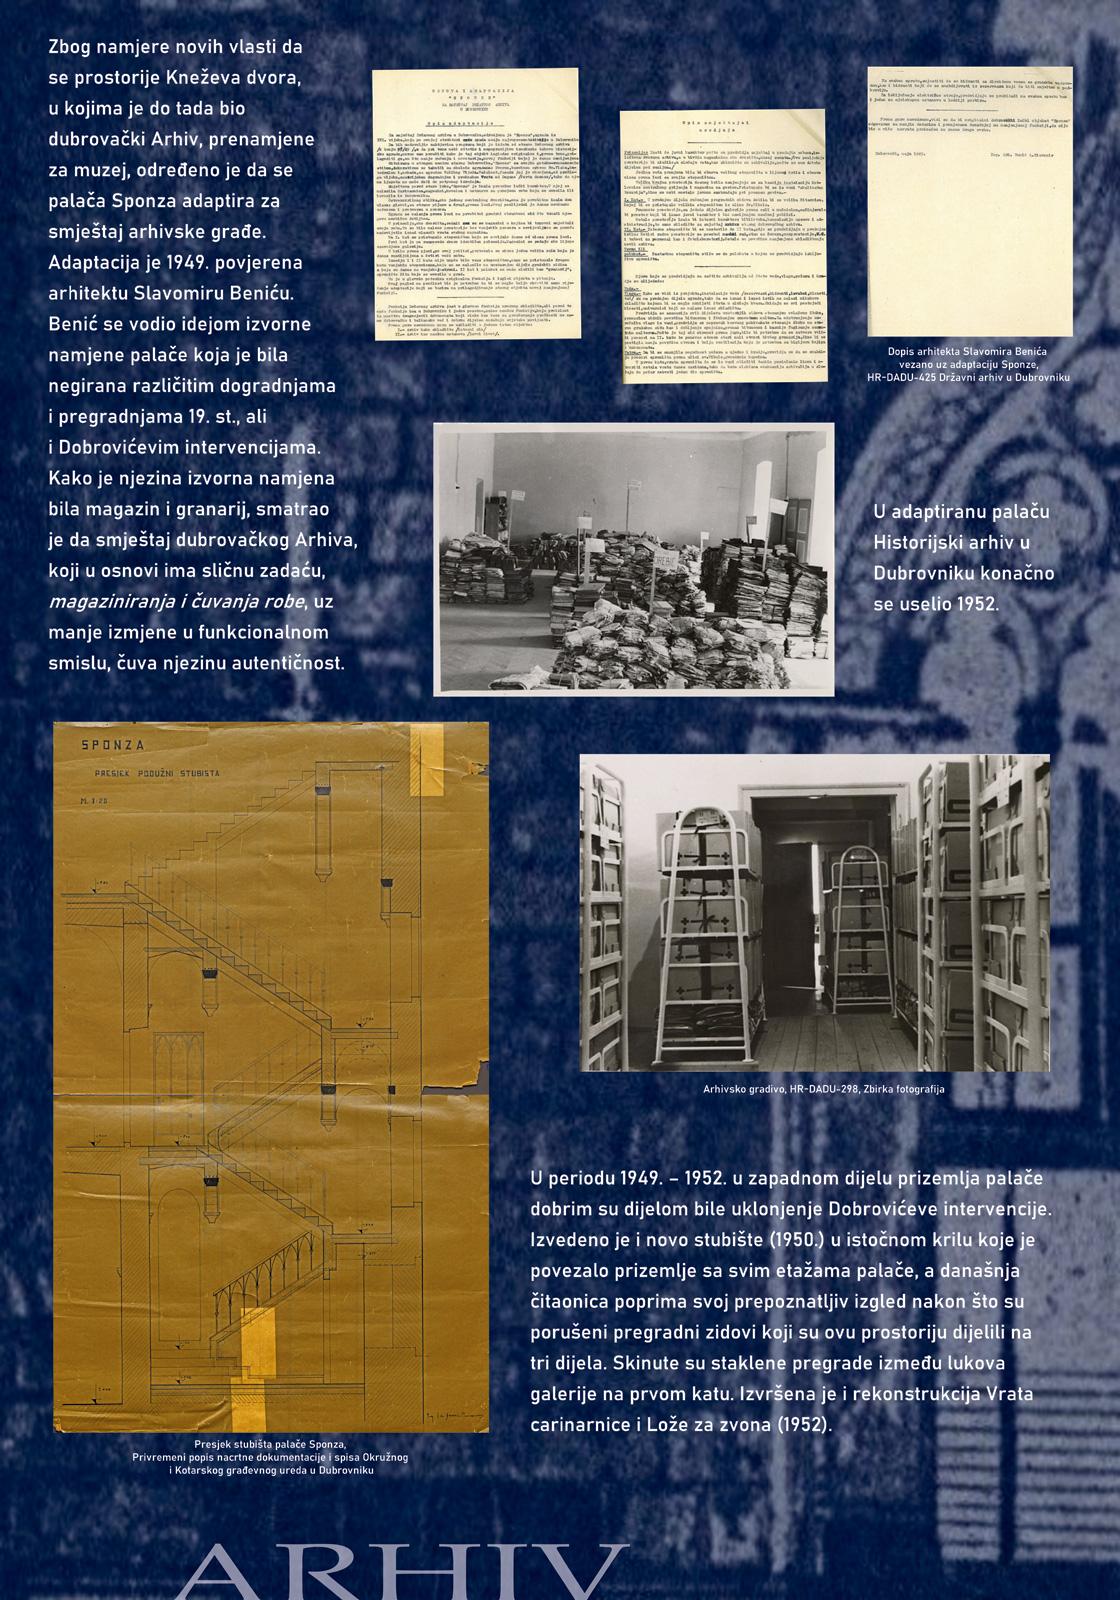 Panel sa izložbe koji prikazuje dokumente i slike vezane uz sadašnju funkciju palače - Državni arhiv u Dubrovniku